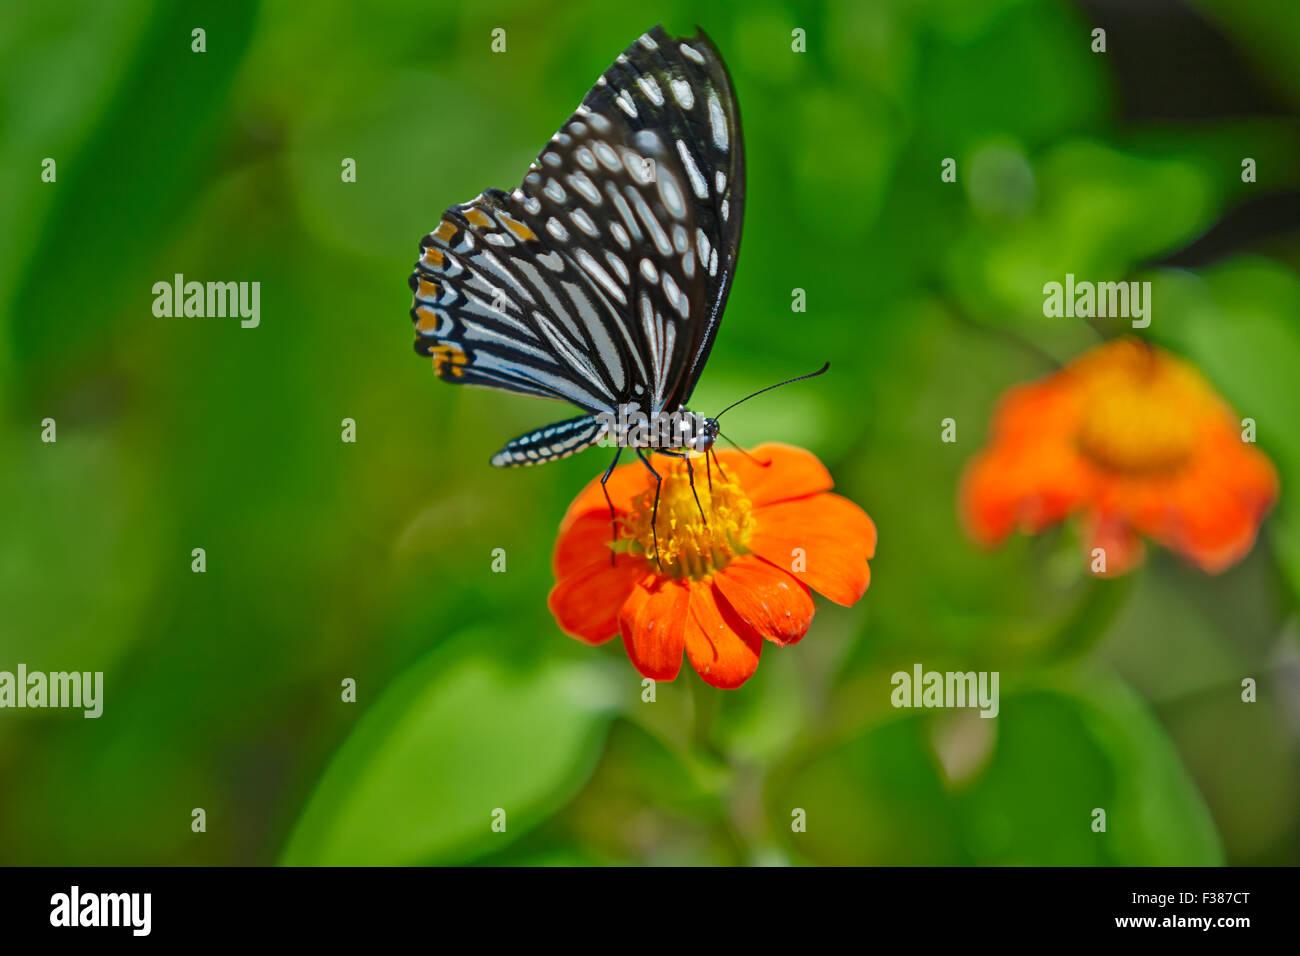 Le Mime commun forme Papillon, Dissimilis sur une fleur. Nom scientifique: Papilio clytia. Papillon de Banteay Photo Stock